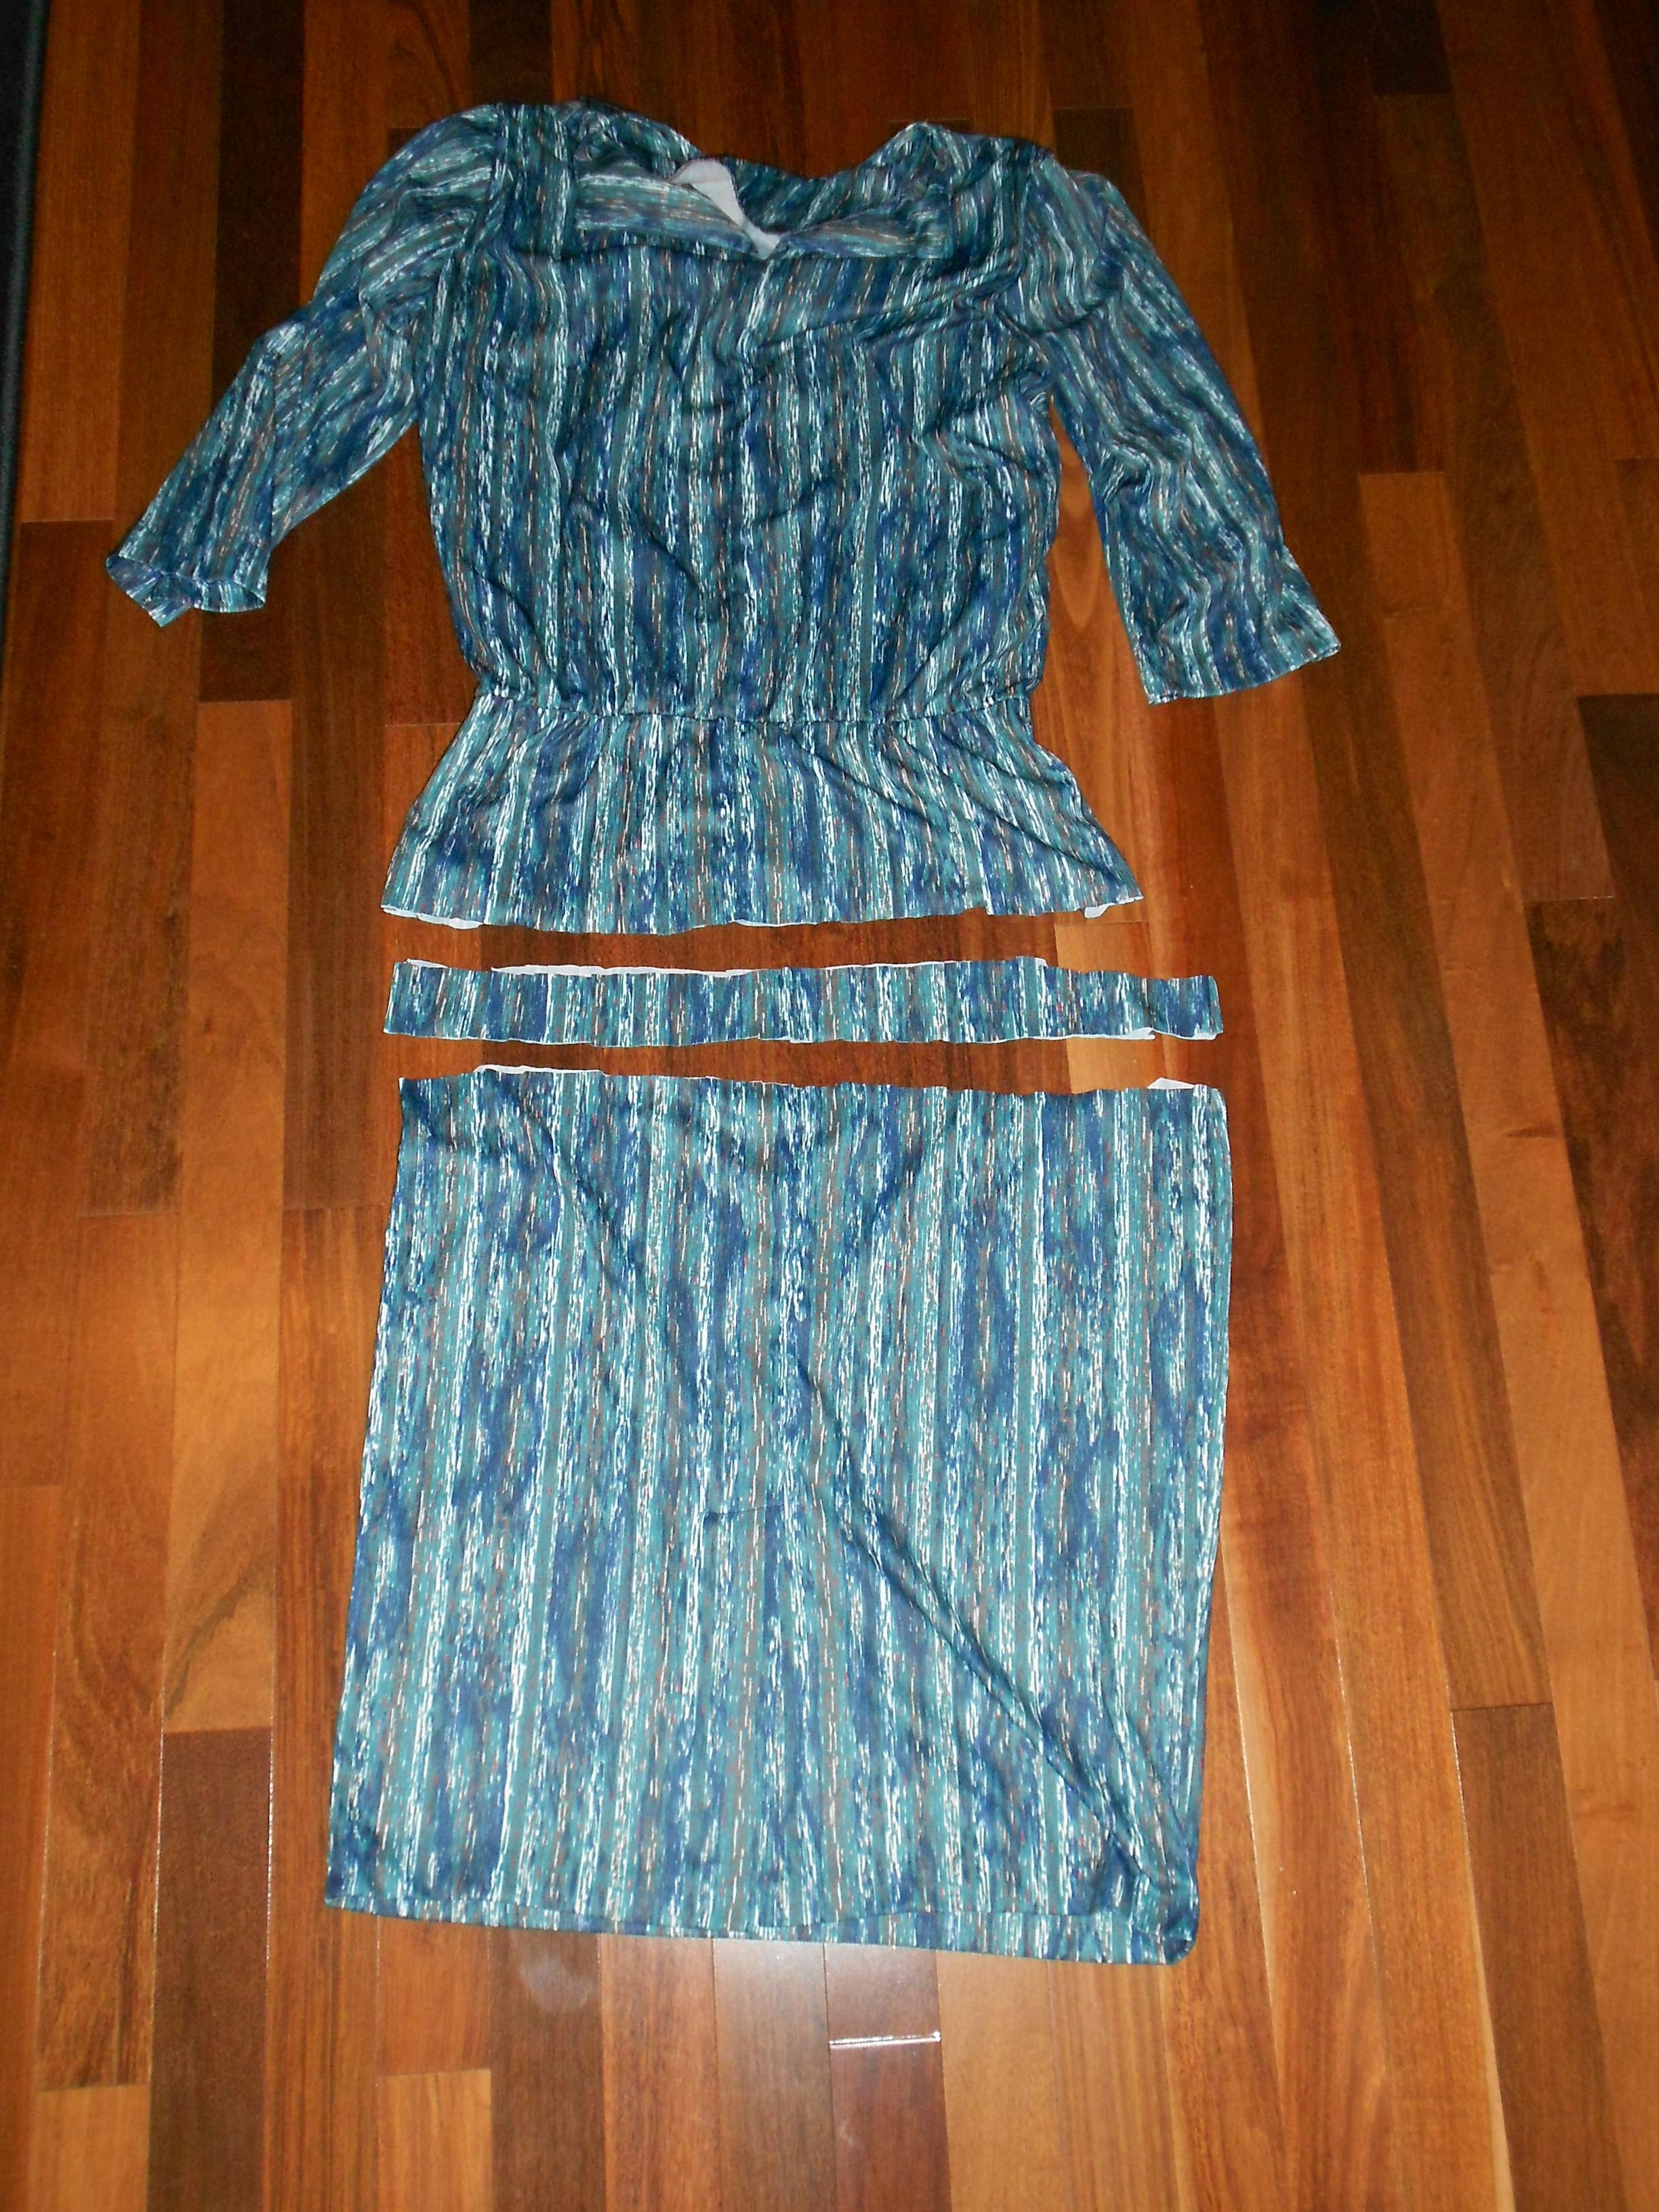 Day 264:  Nomadic Skirt 2